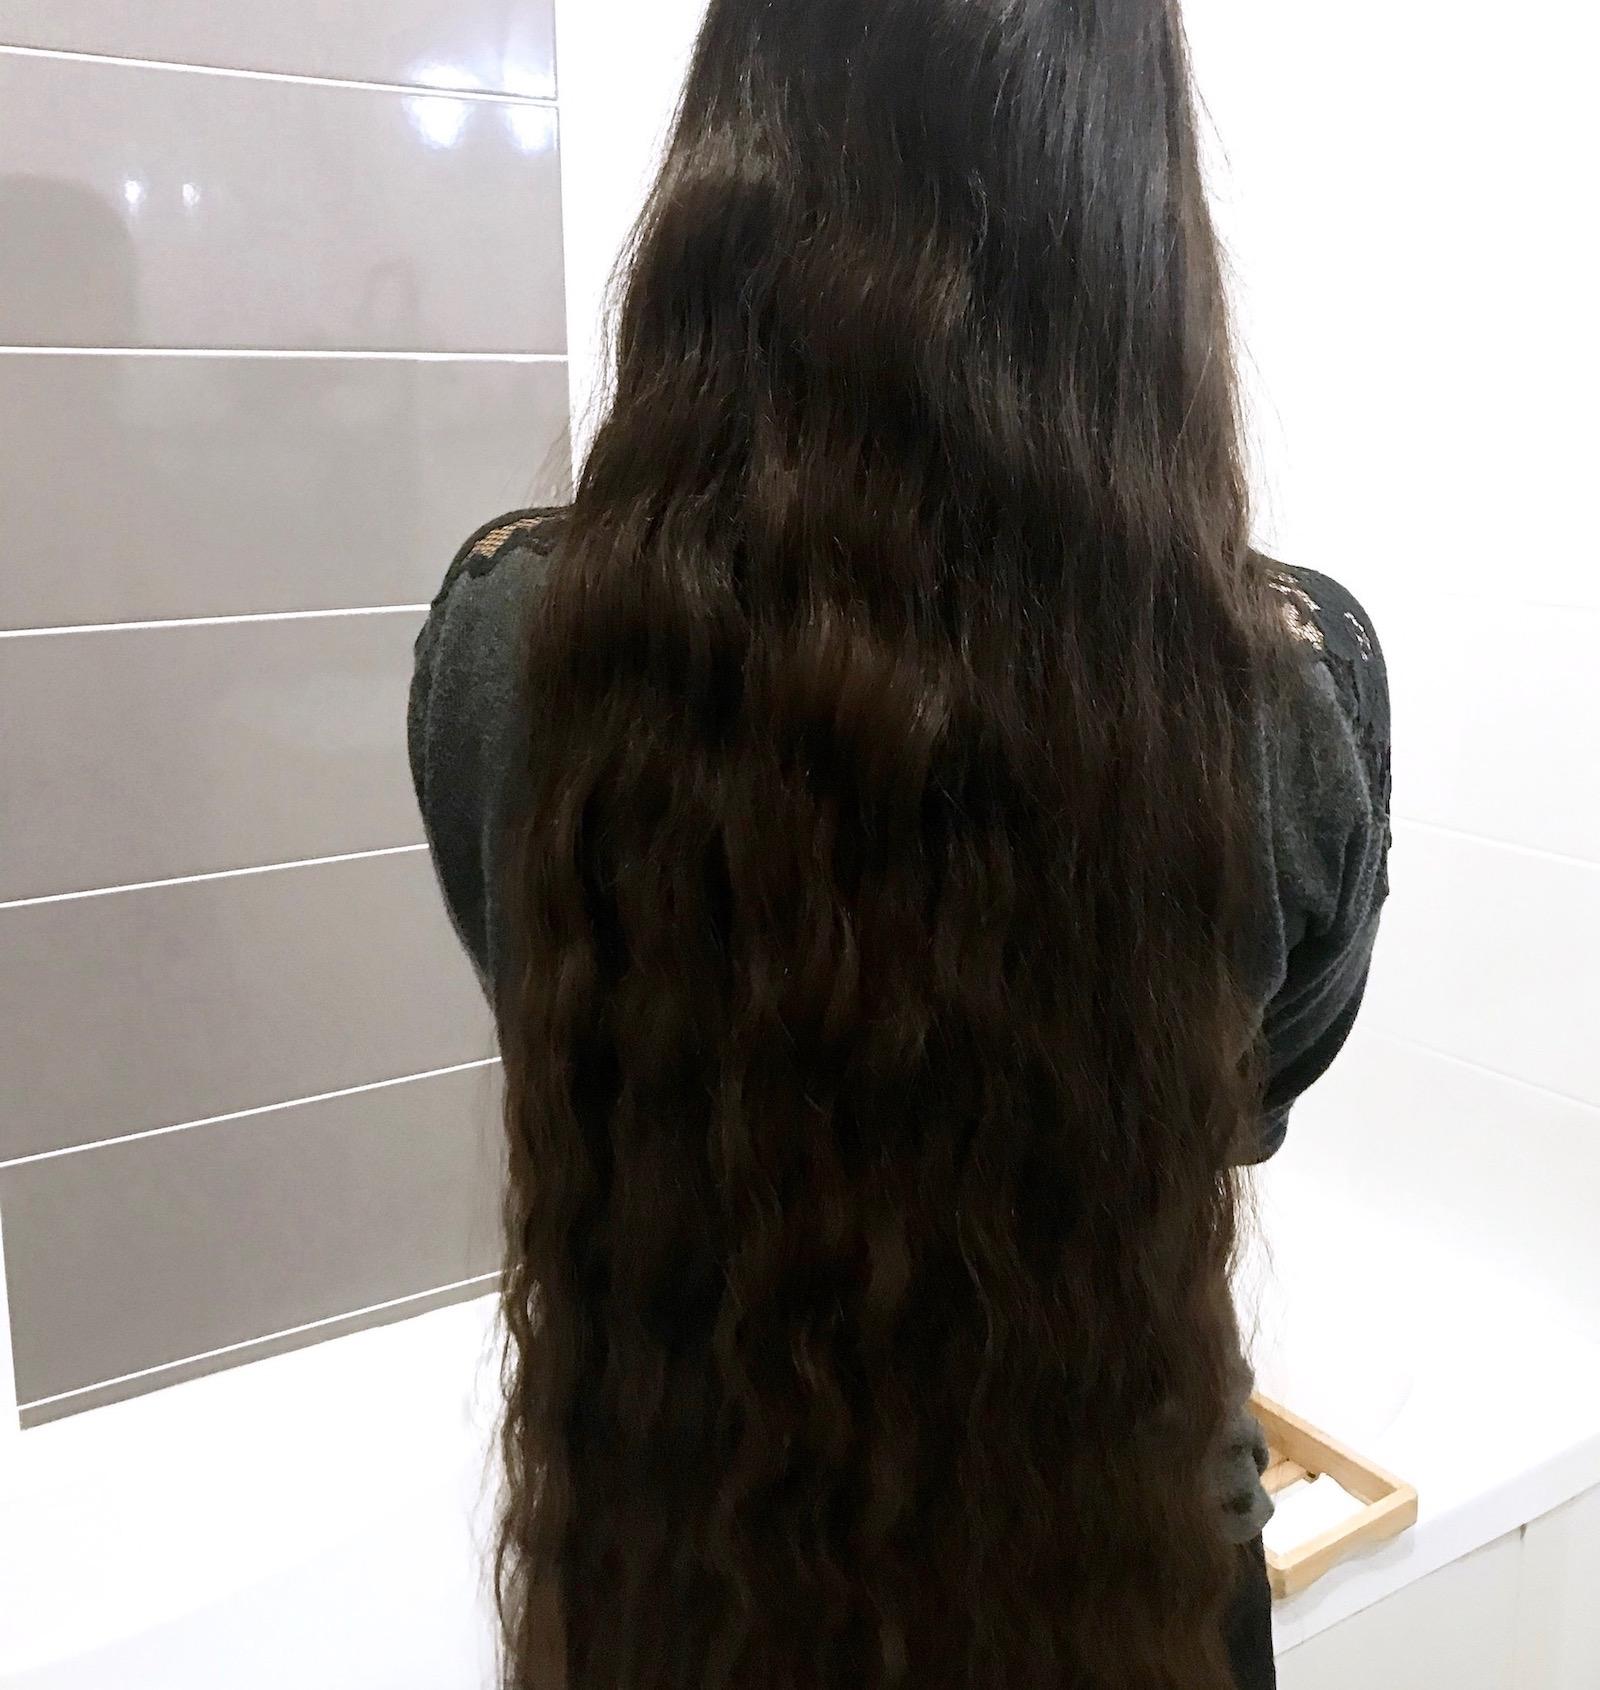 Résultats après avoir tressé ses cheveux le soir pour ne pas les abîmer